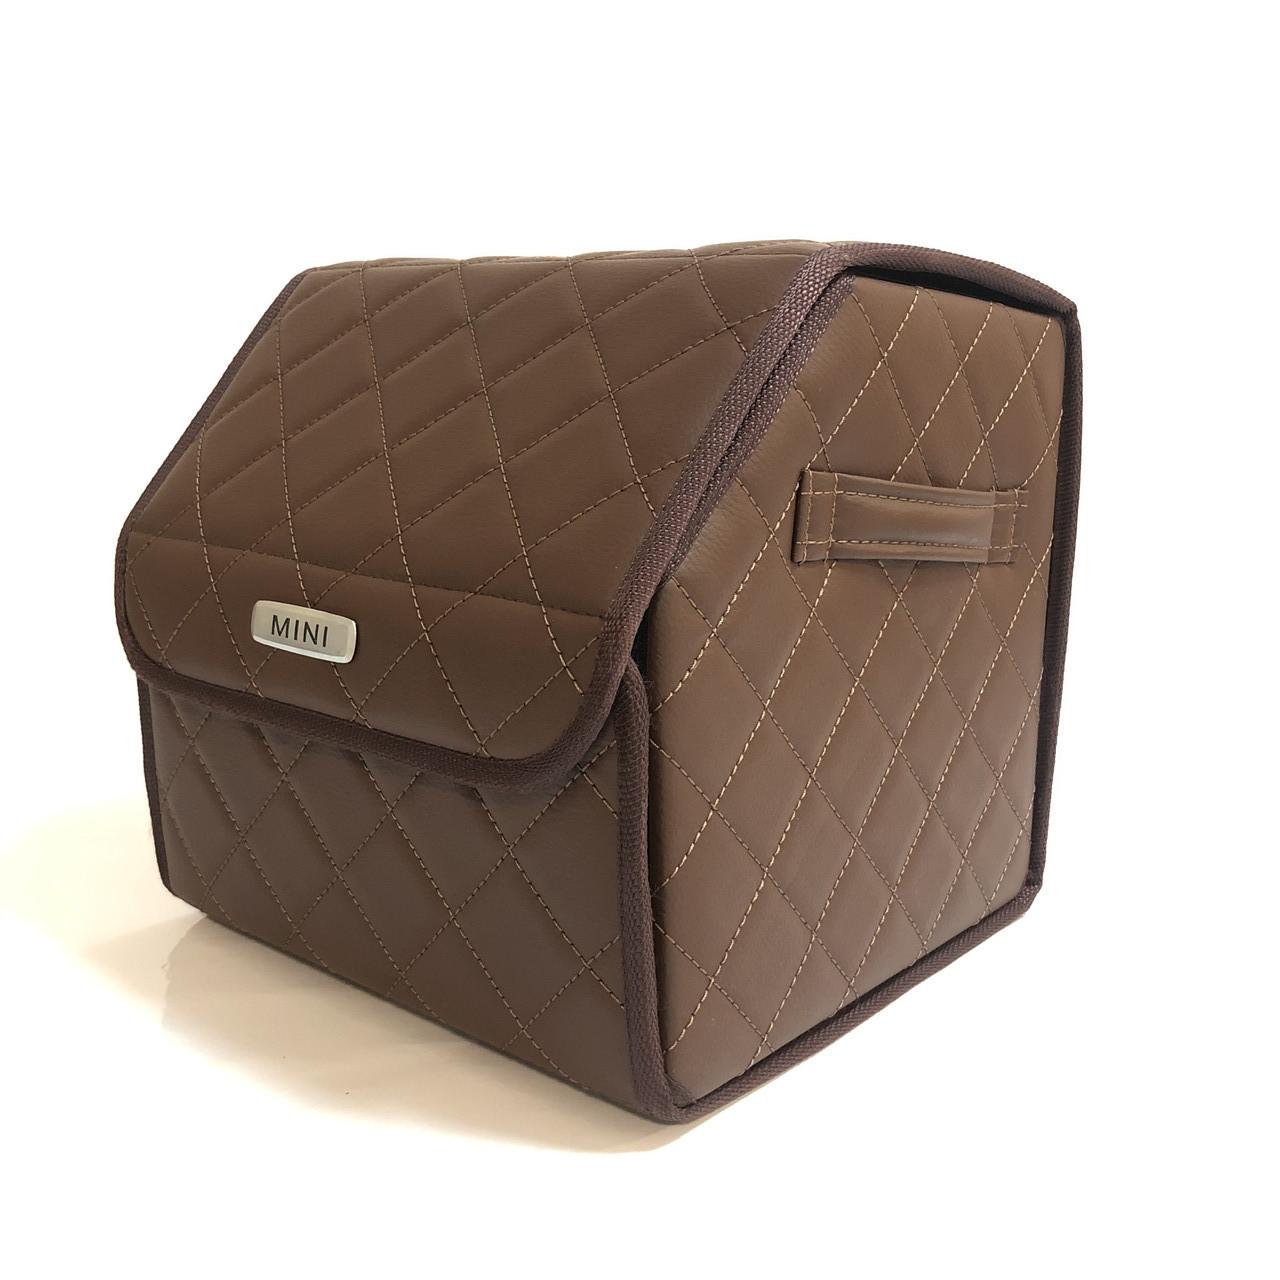 Саквояж с лого в багажник «MINI» I Органайзер в авто Коричневый Мини